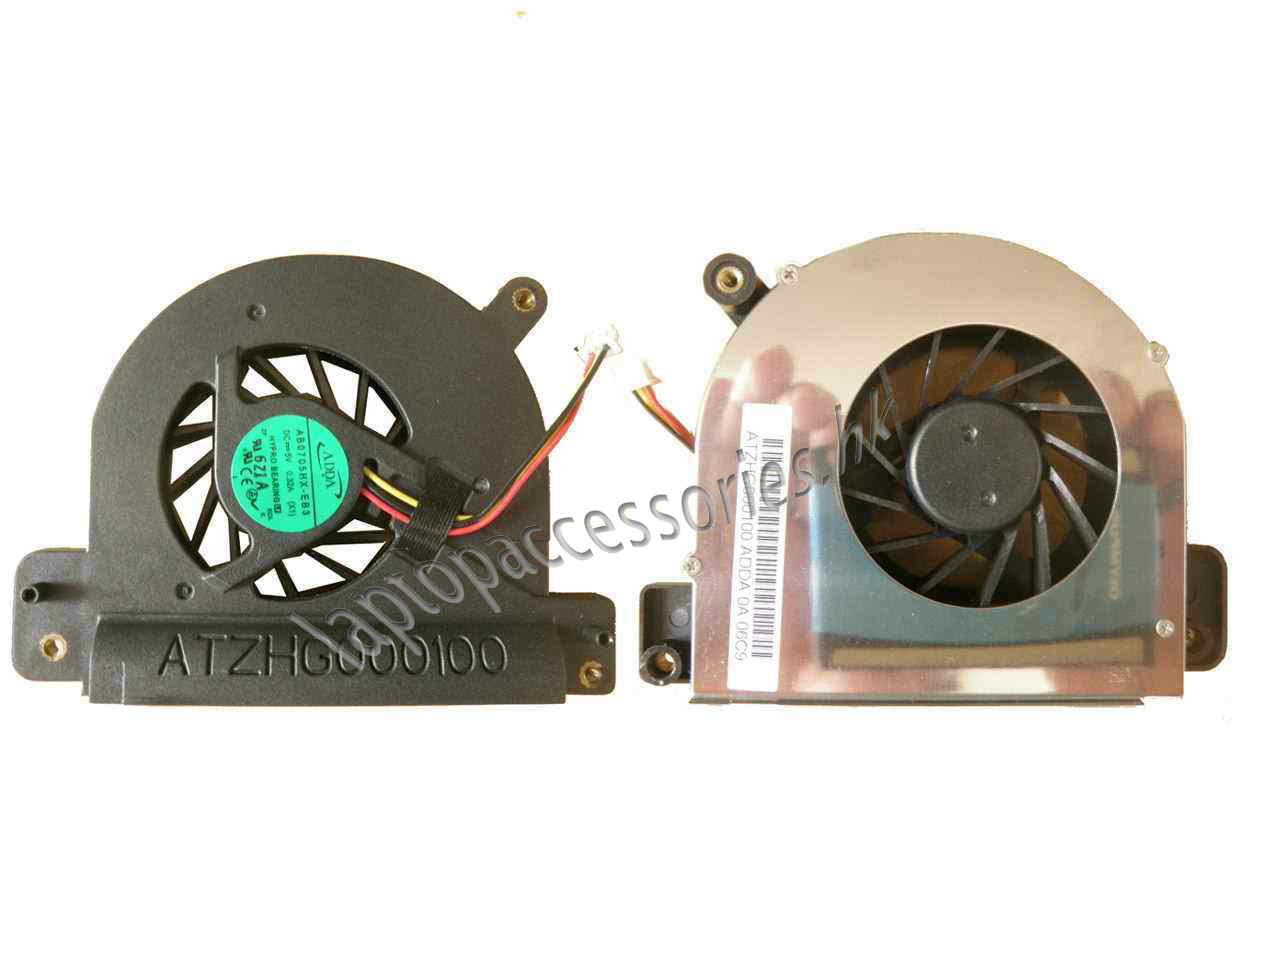 For Toshiba ATZHG000100 CPU Fan